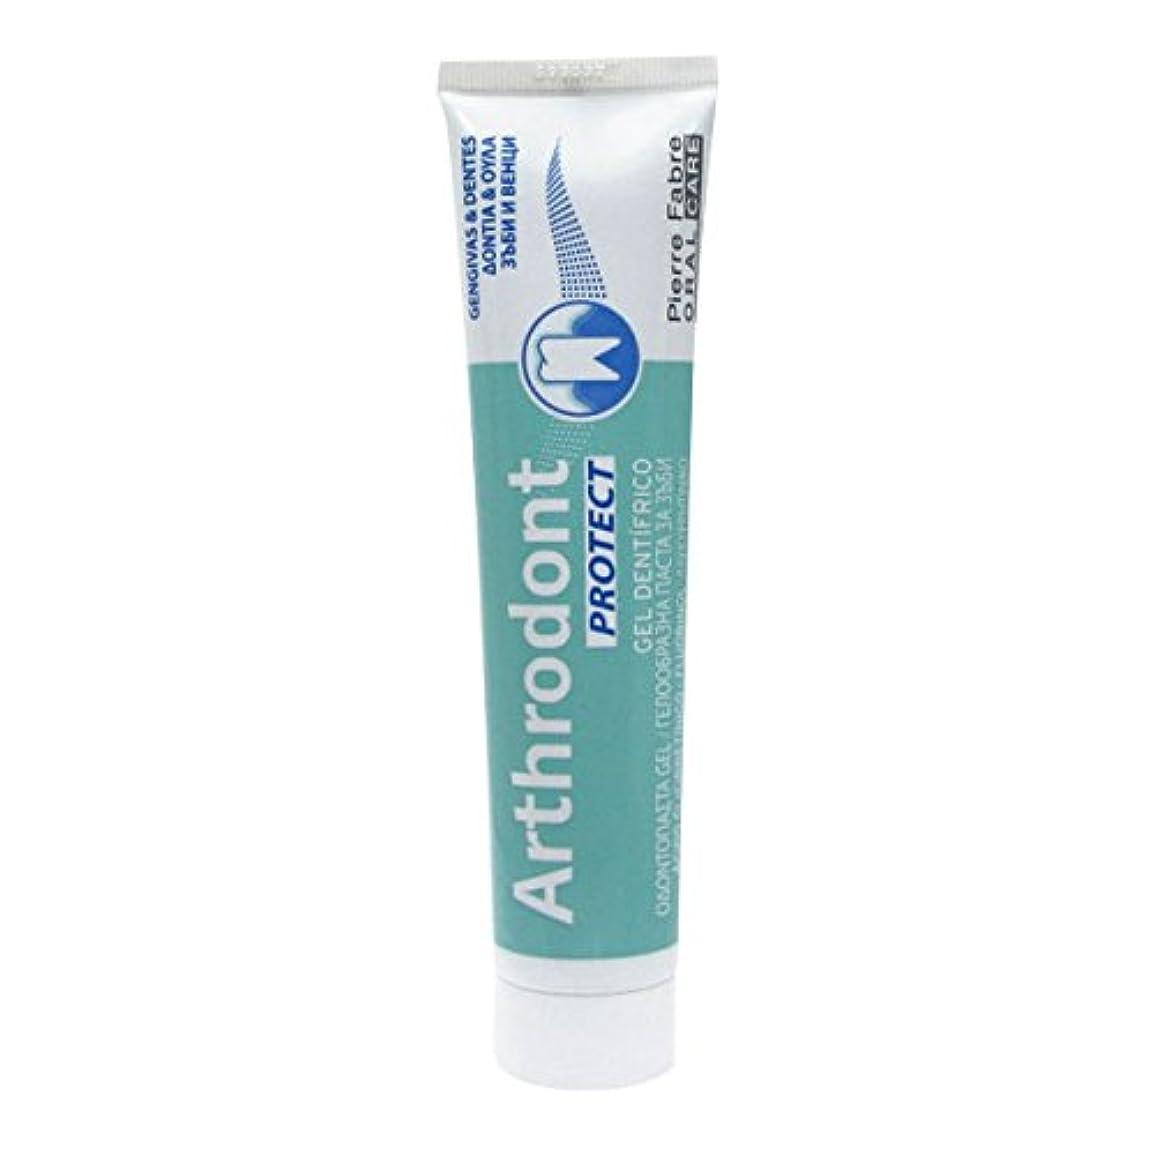 謝罪弱めるイソギンチャクArthrodont Protect Teeth And Gums Gel 75ml [並行輸入品]